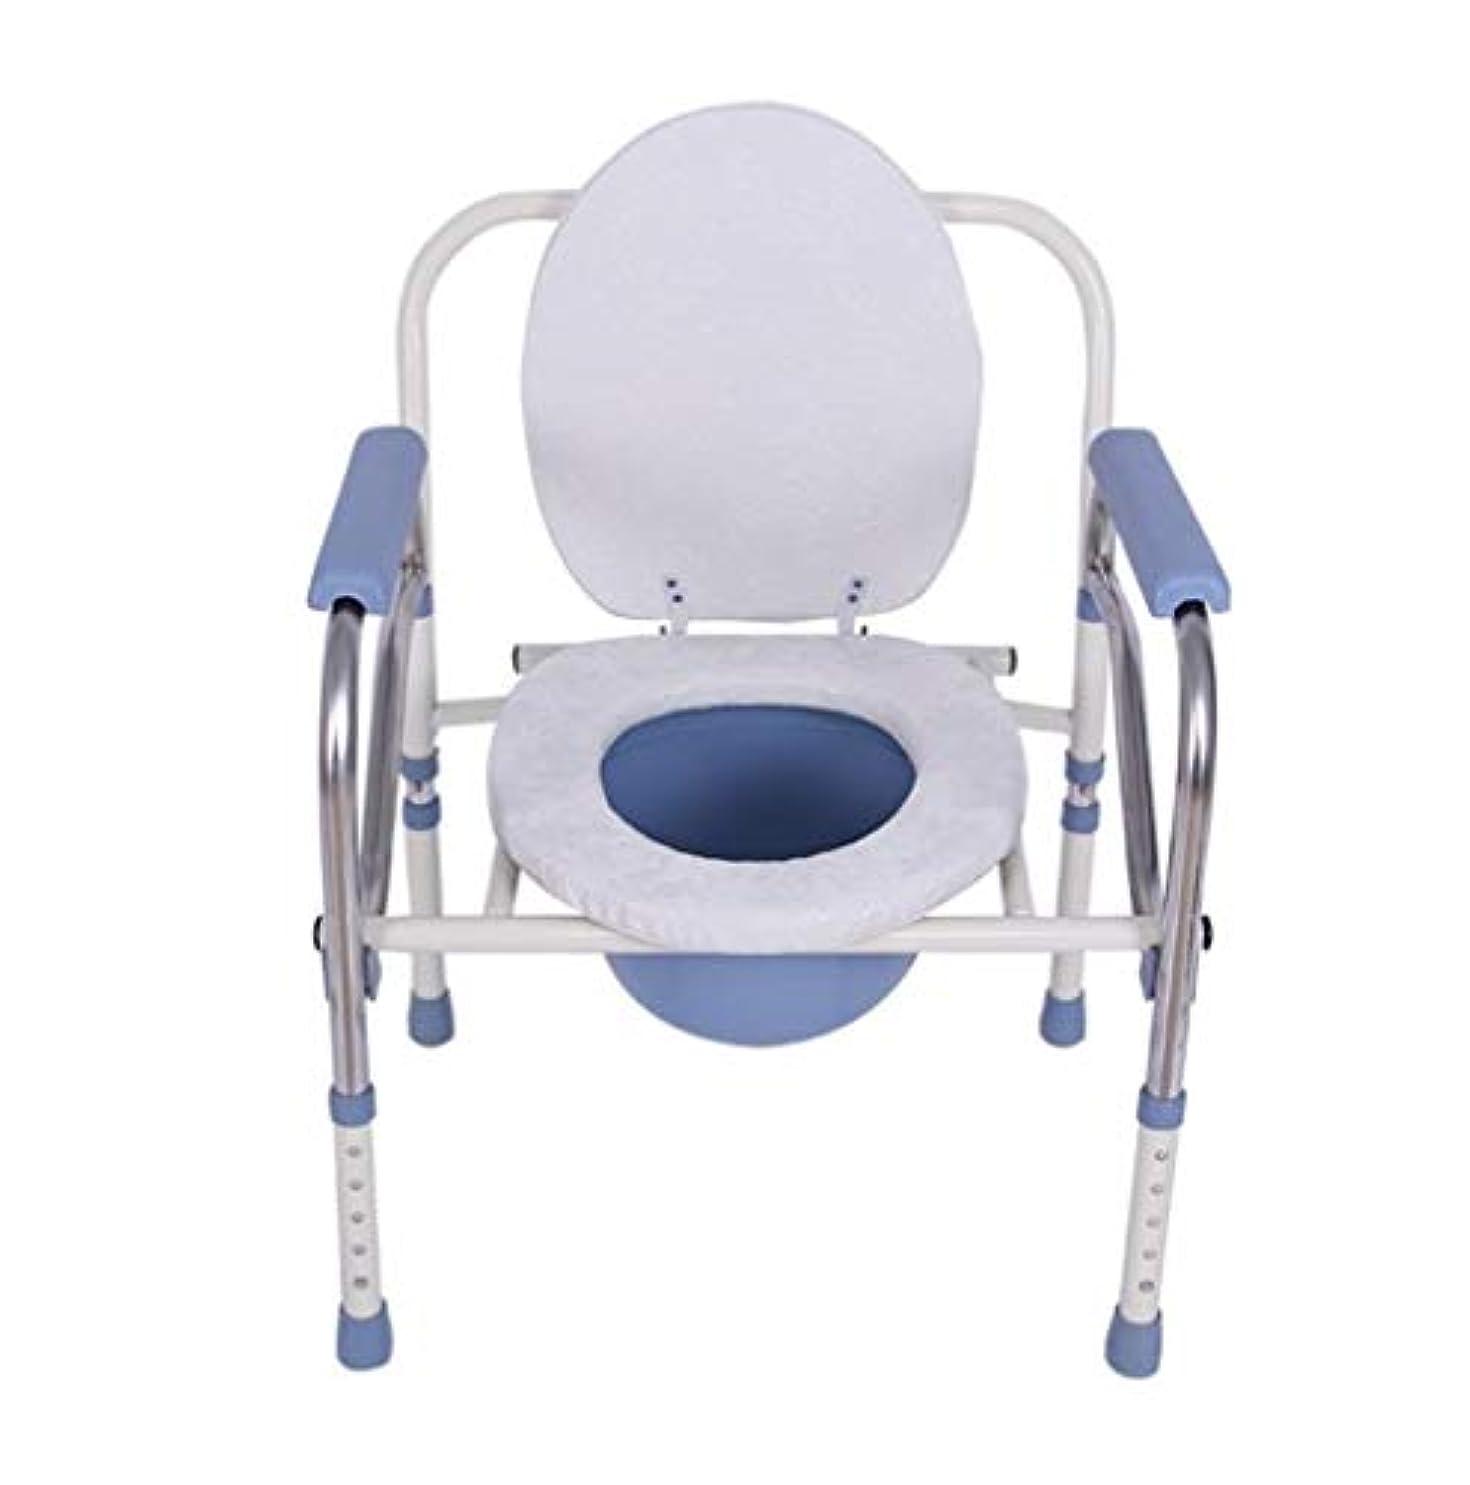 静けさチャーミング鈍い折りたたみ式ベッドサイドside椅子-ステンレススチール製トイレ付き便器バケツ付き高さ調節可能な妊婦用トイレスツール